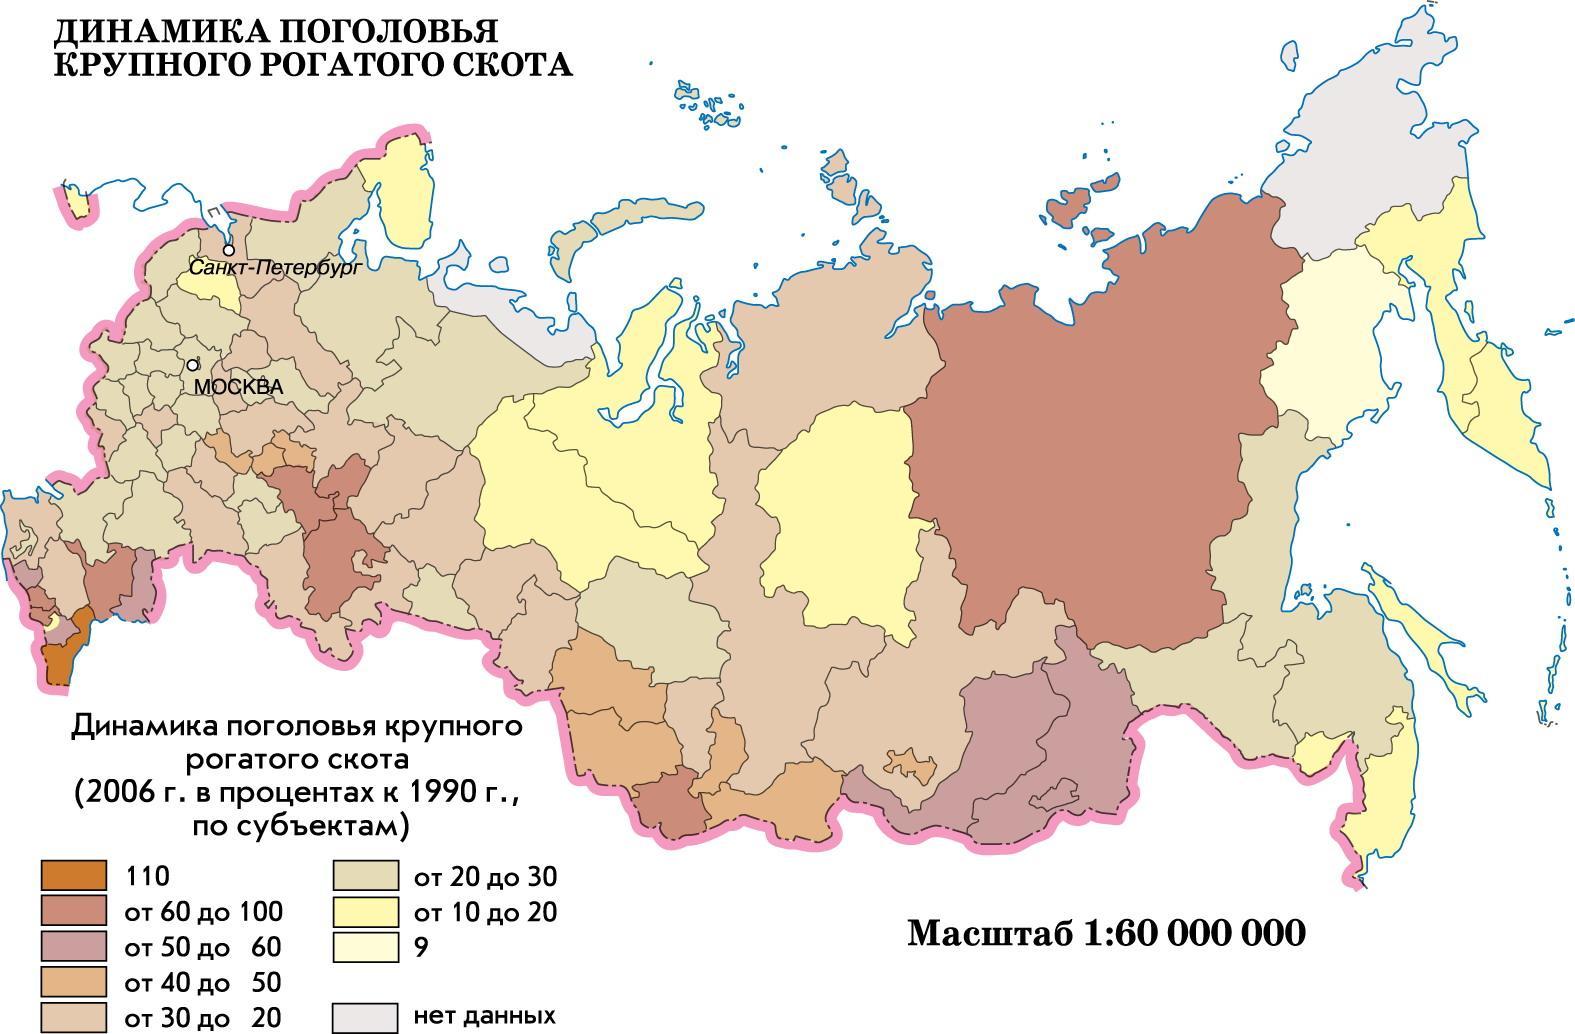 Доклад по географии животноводство россии 2874